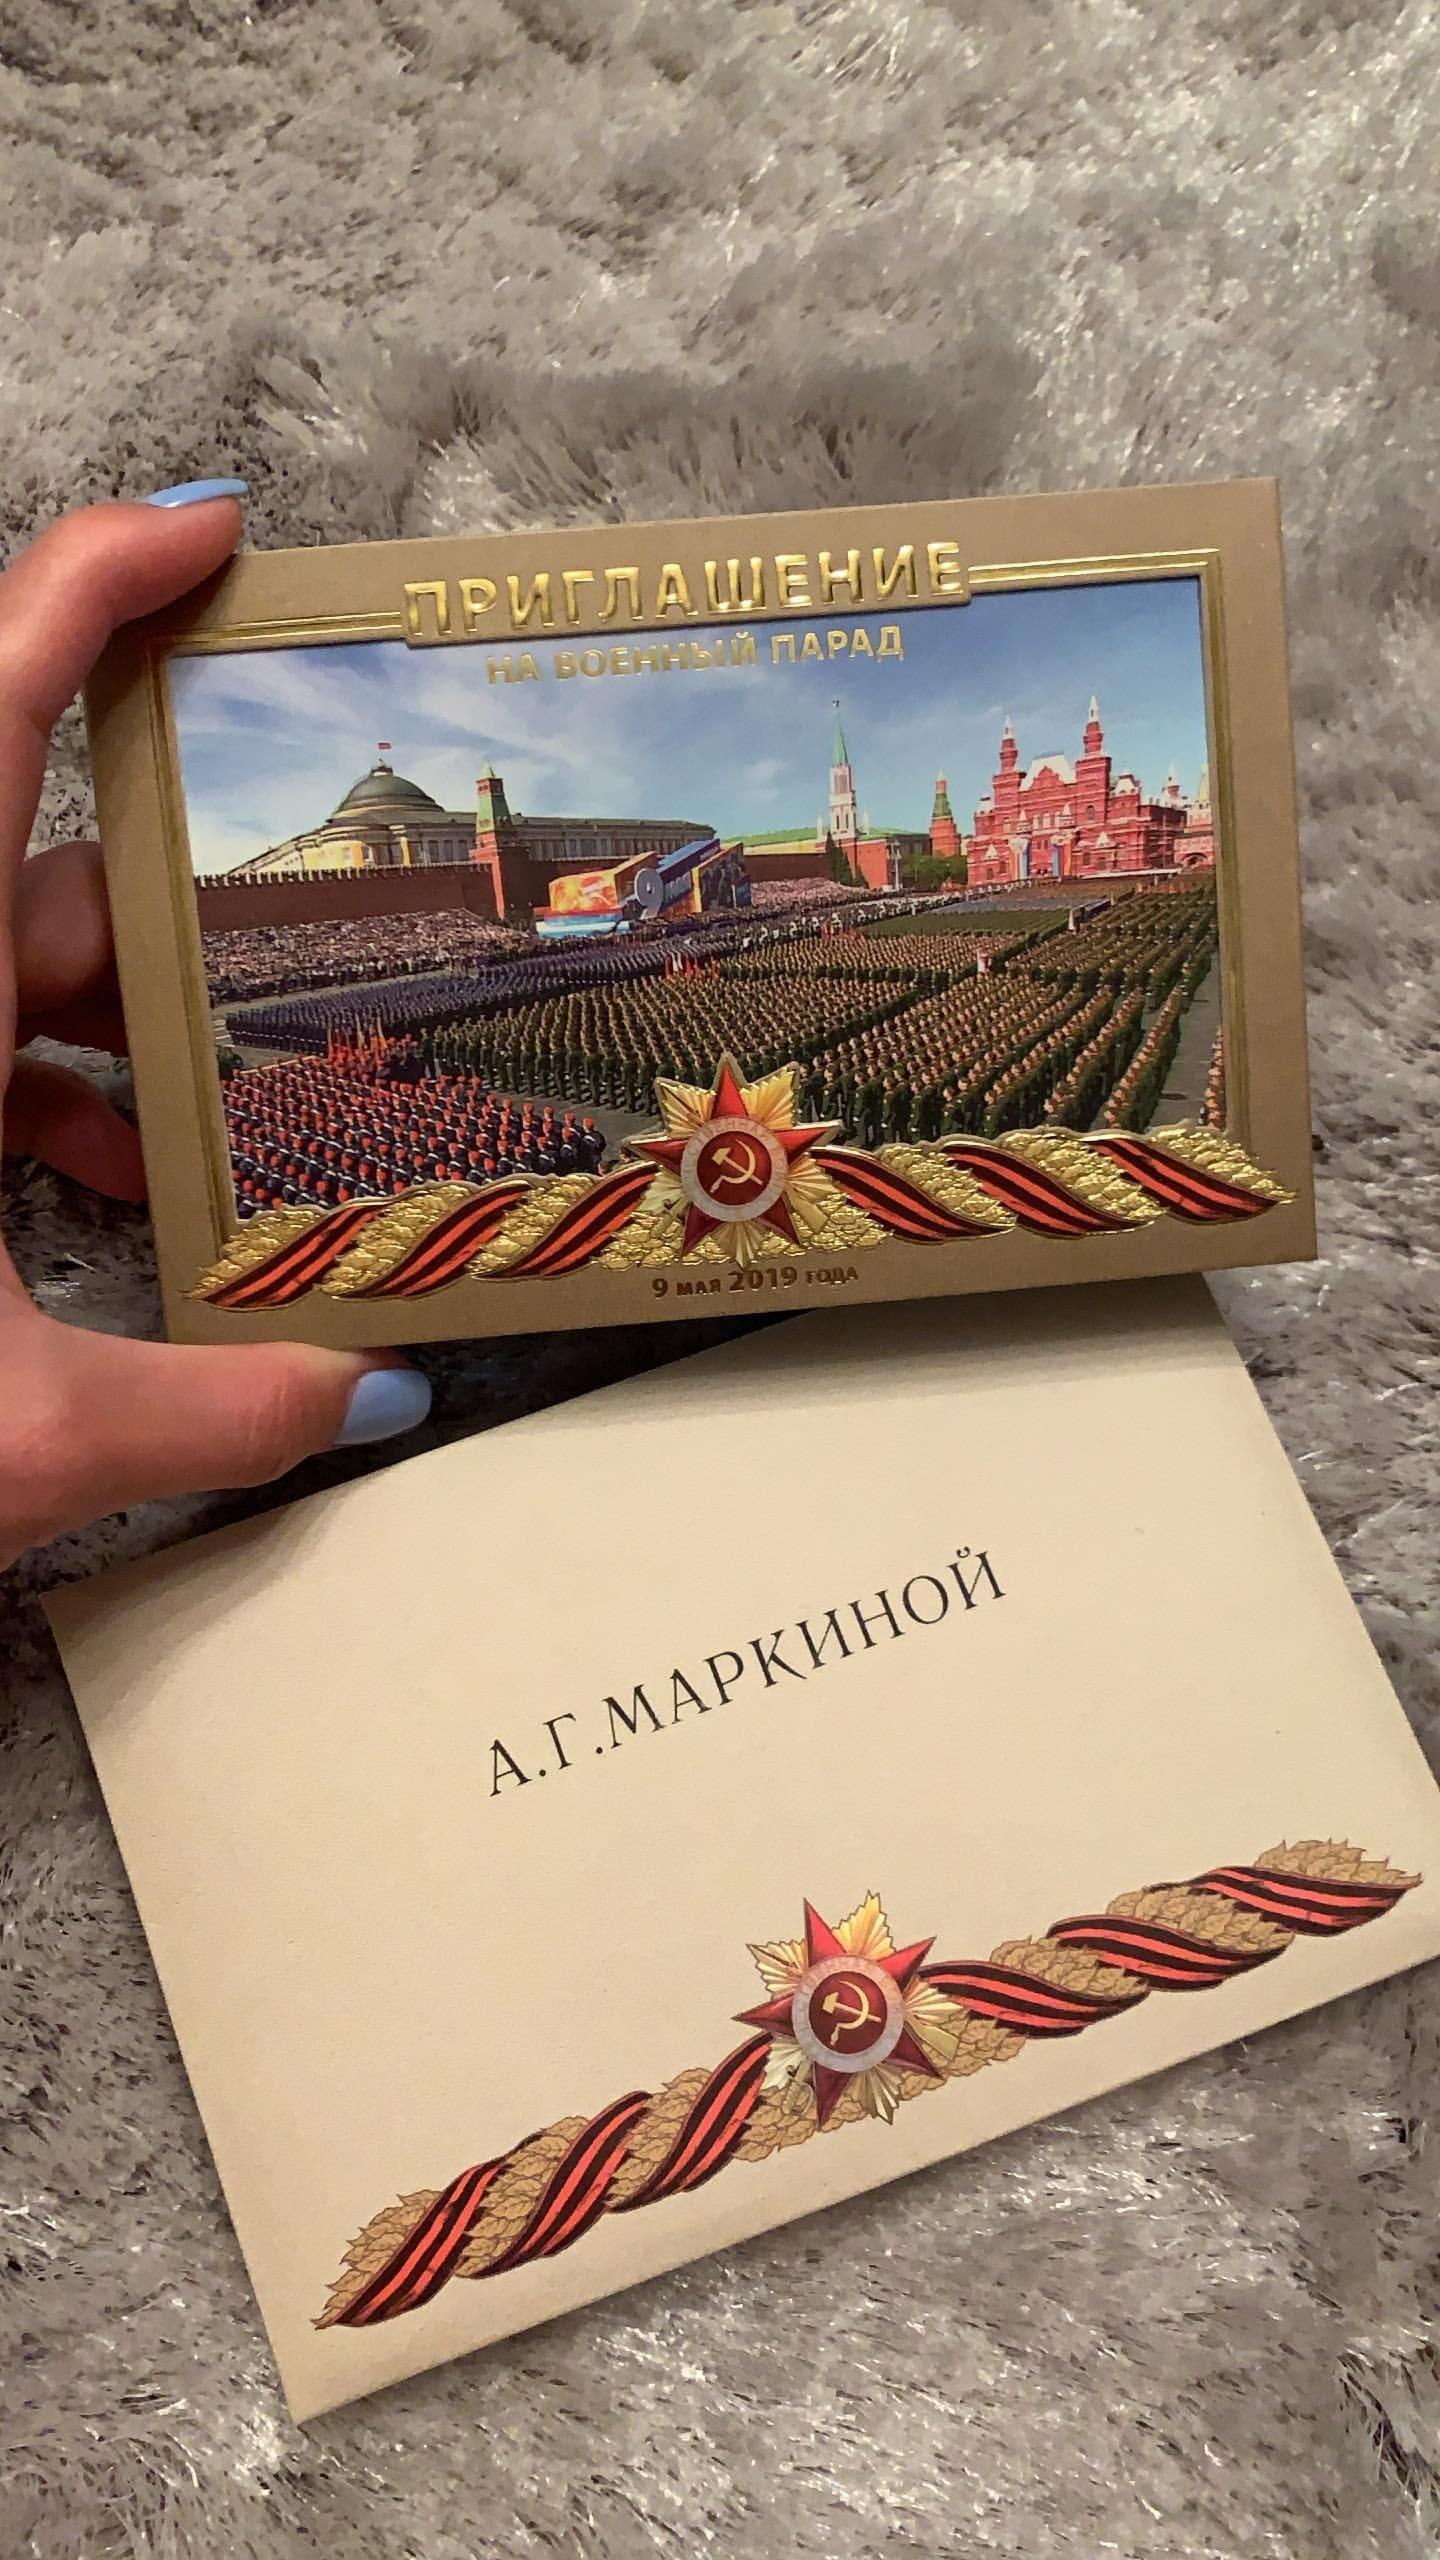 Инстамодель Саша Маркина получила официальное приглашение на Парад Победы (все немного вшоке)